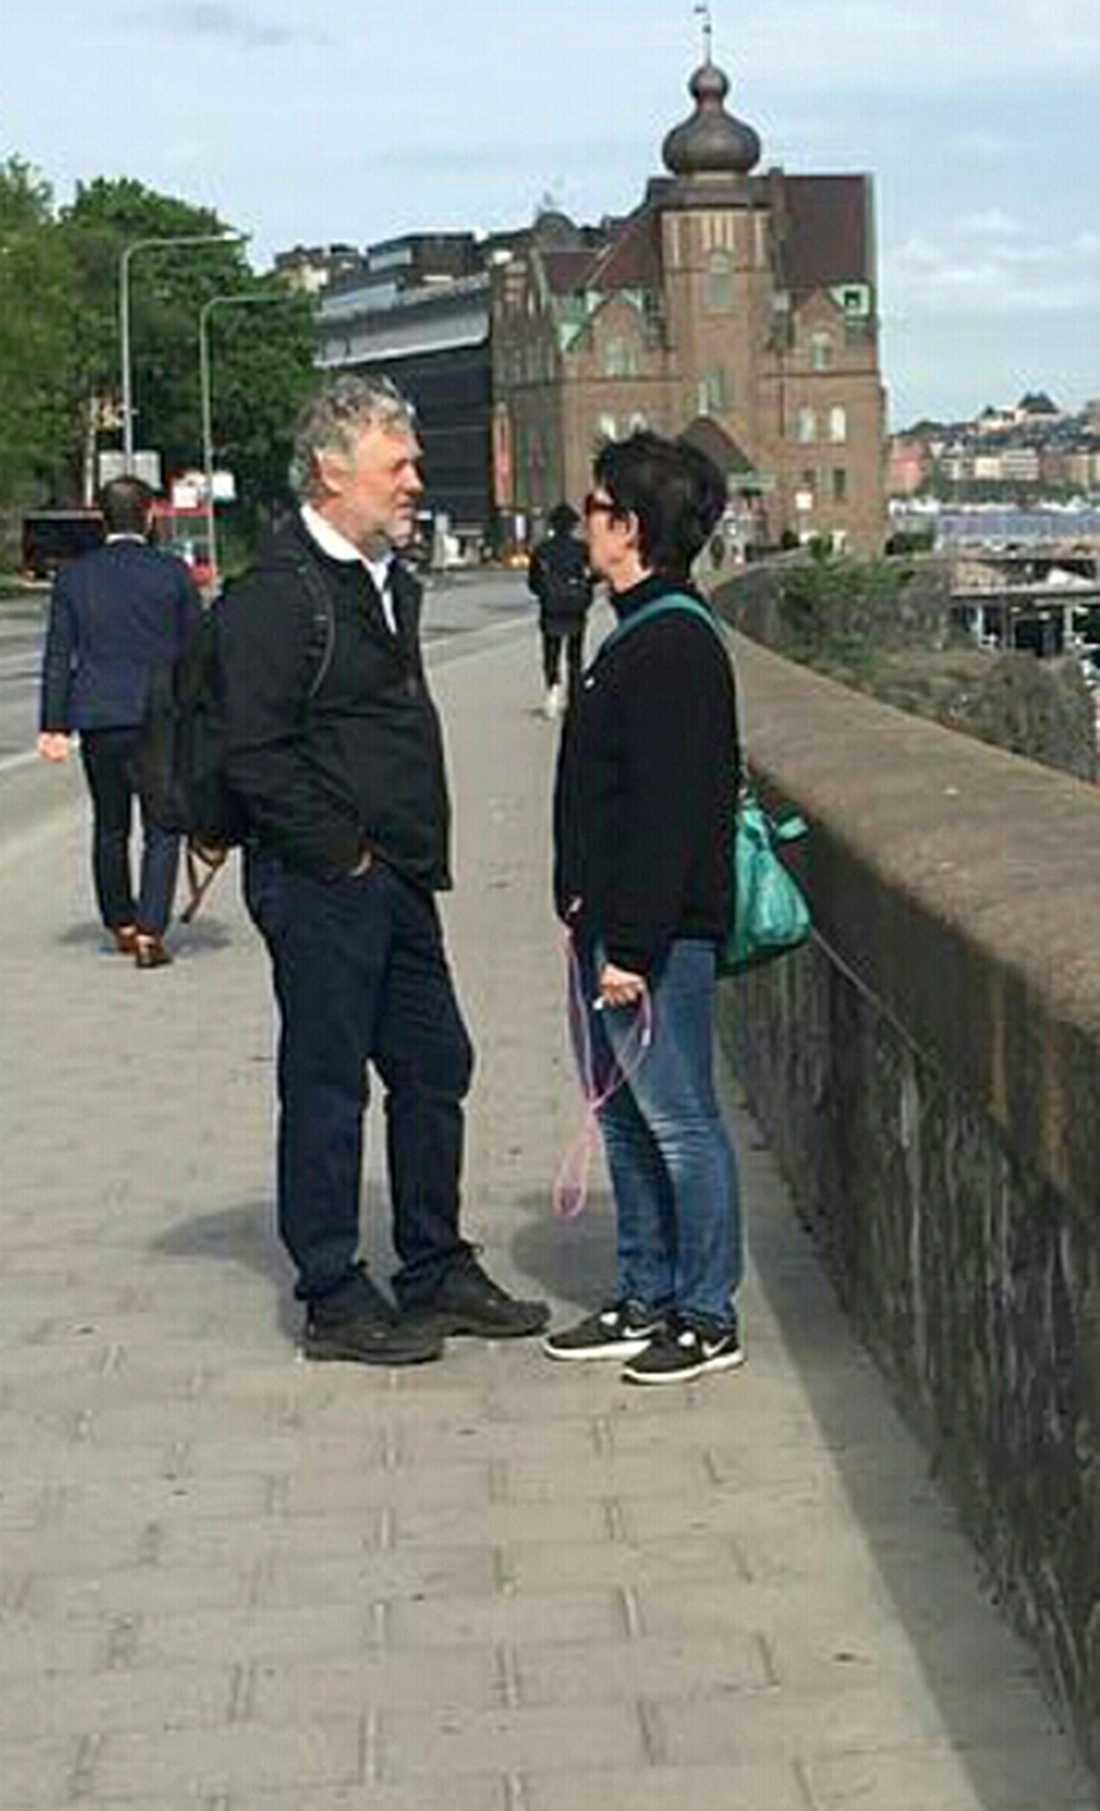 Peter Eriksson och Mona Sahlin fångades på bild när de träffades i morse.